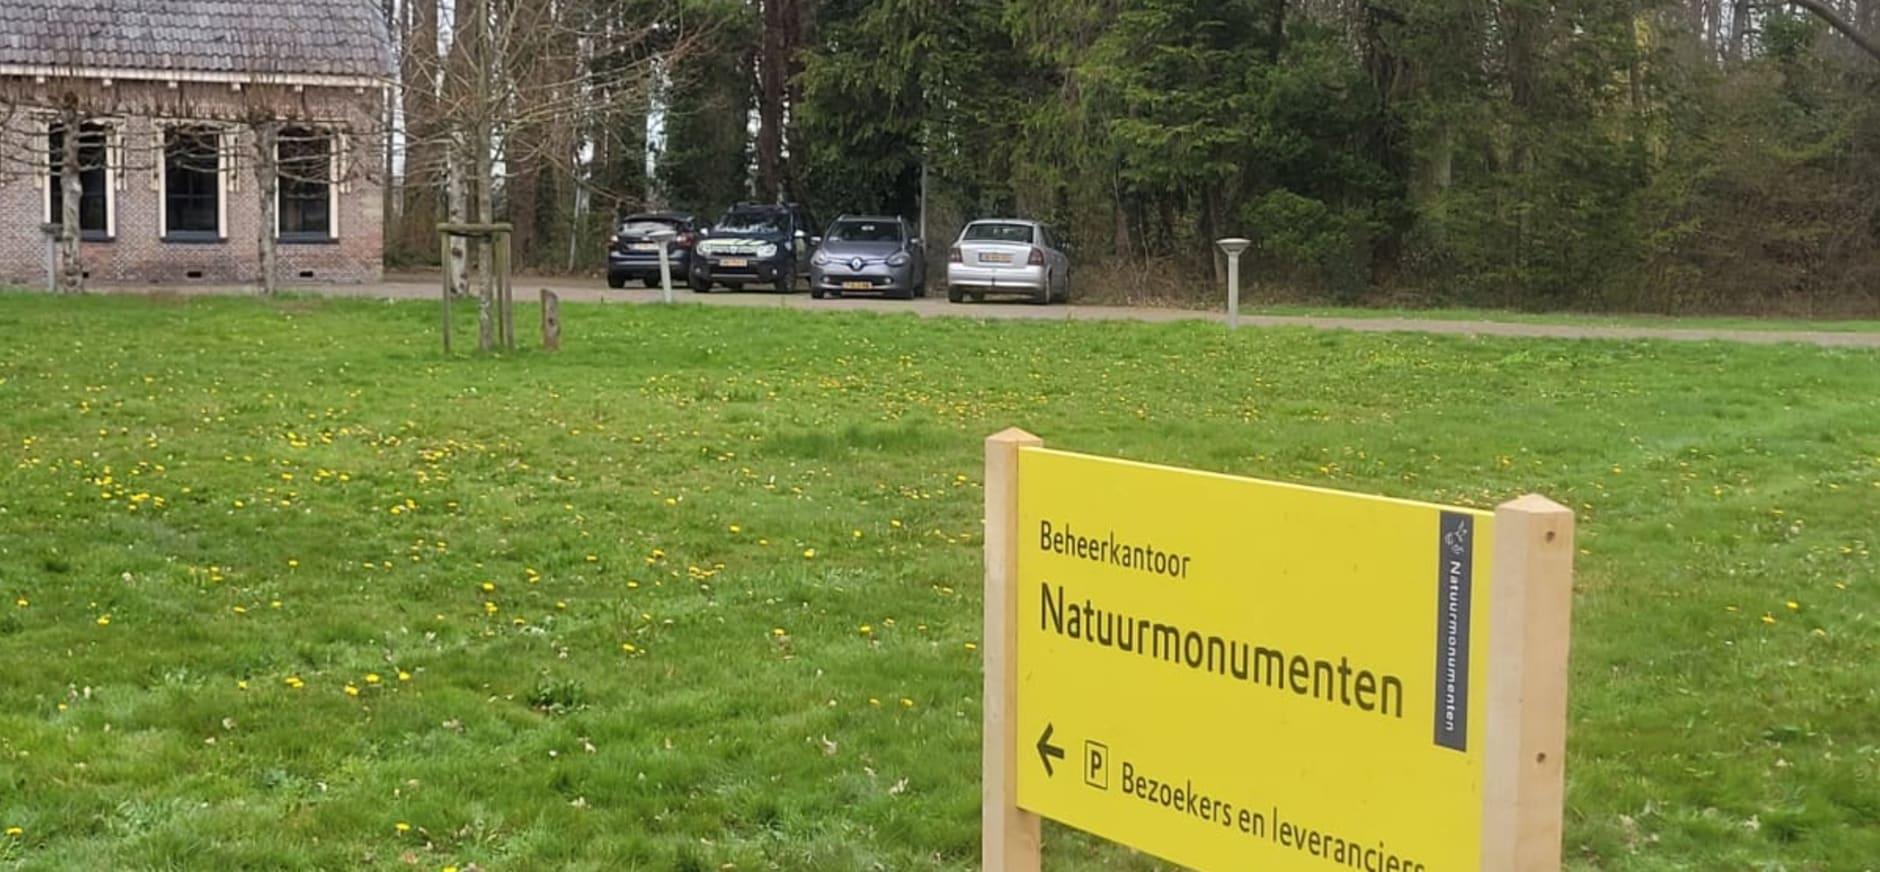 Bebording beheerkantoor Friesland Natuurmonumenten